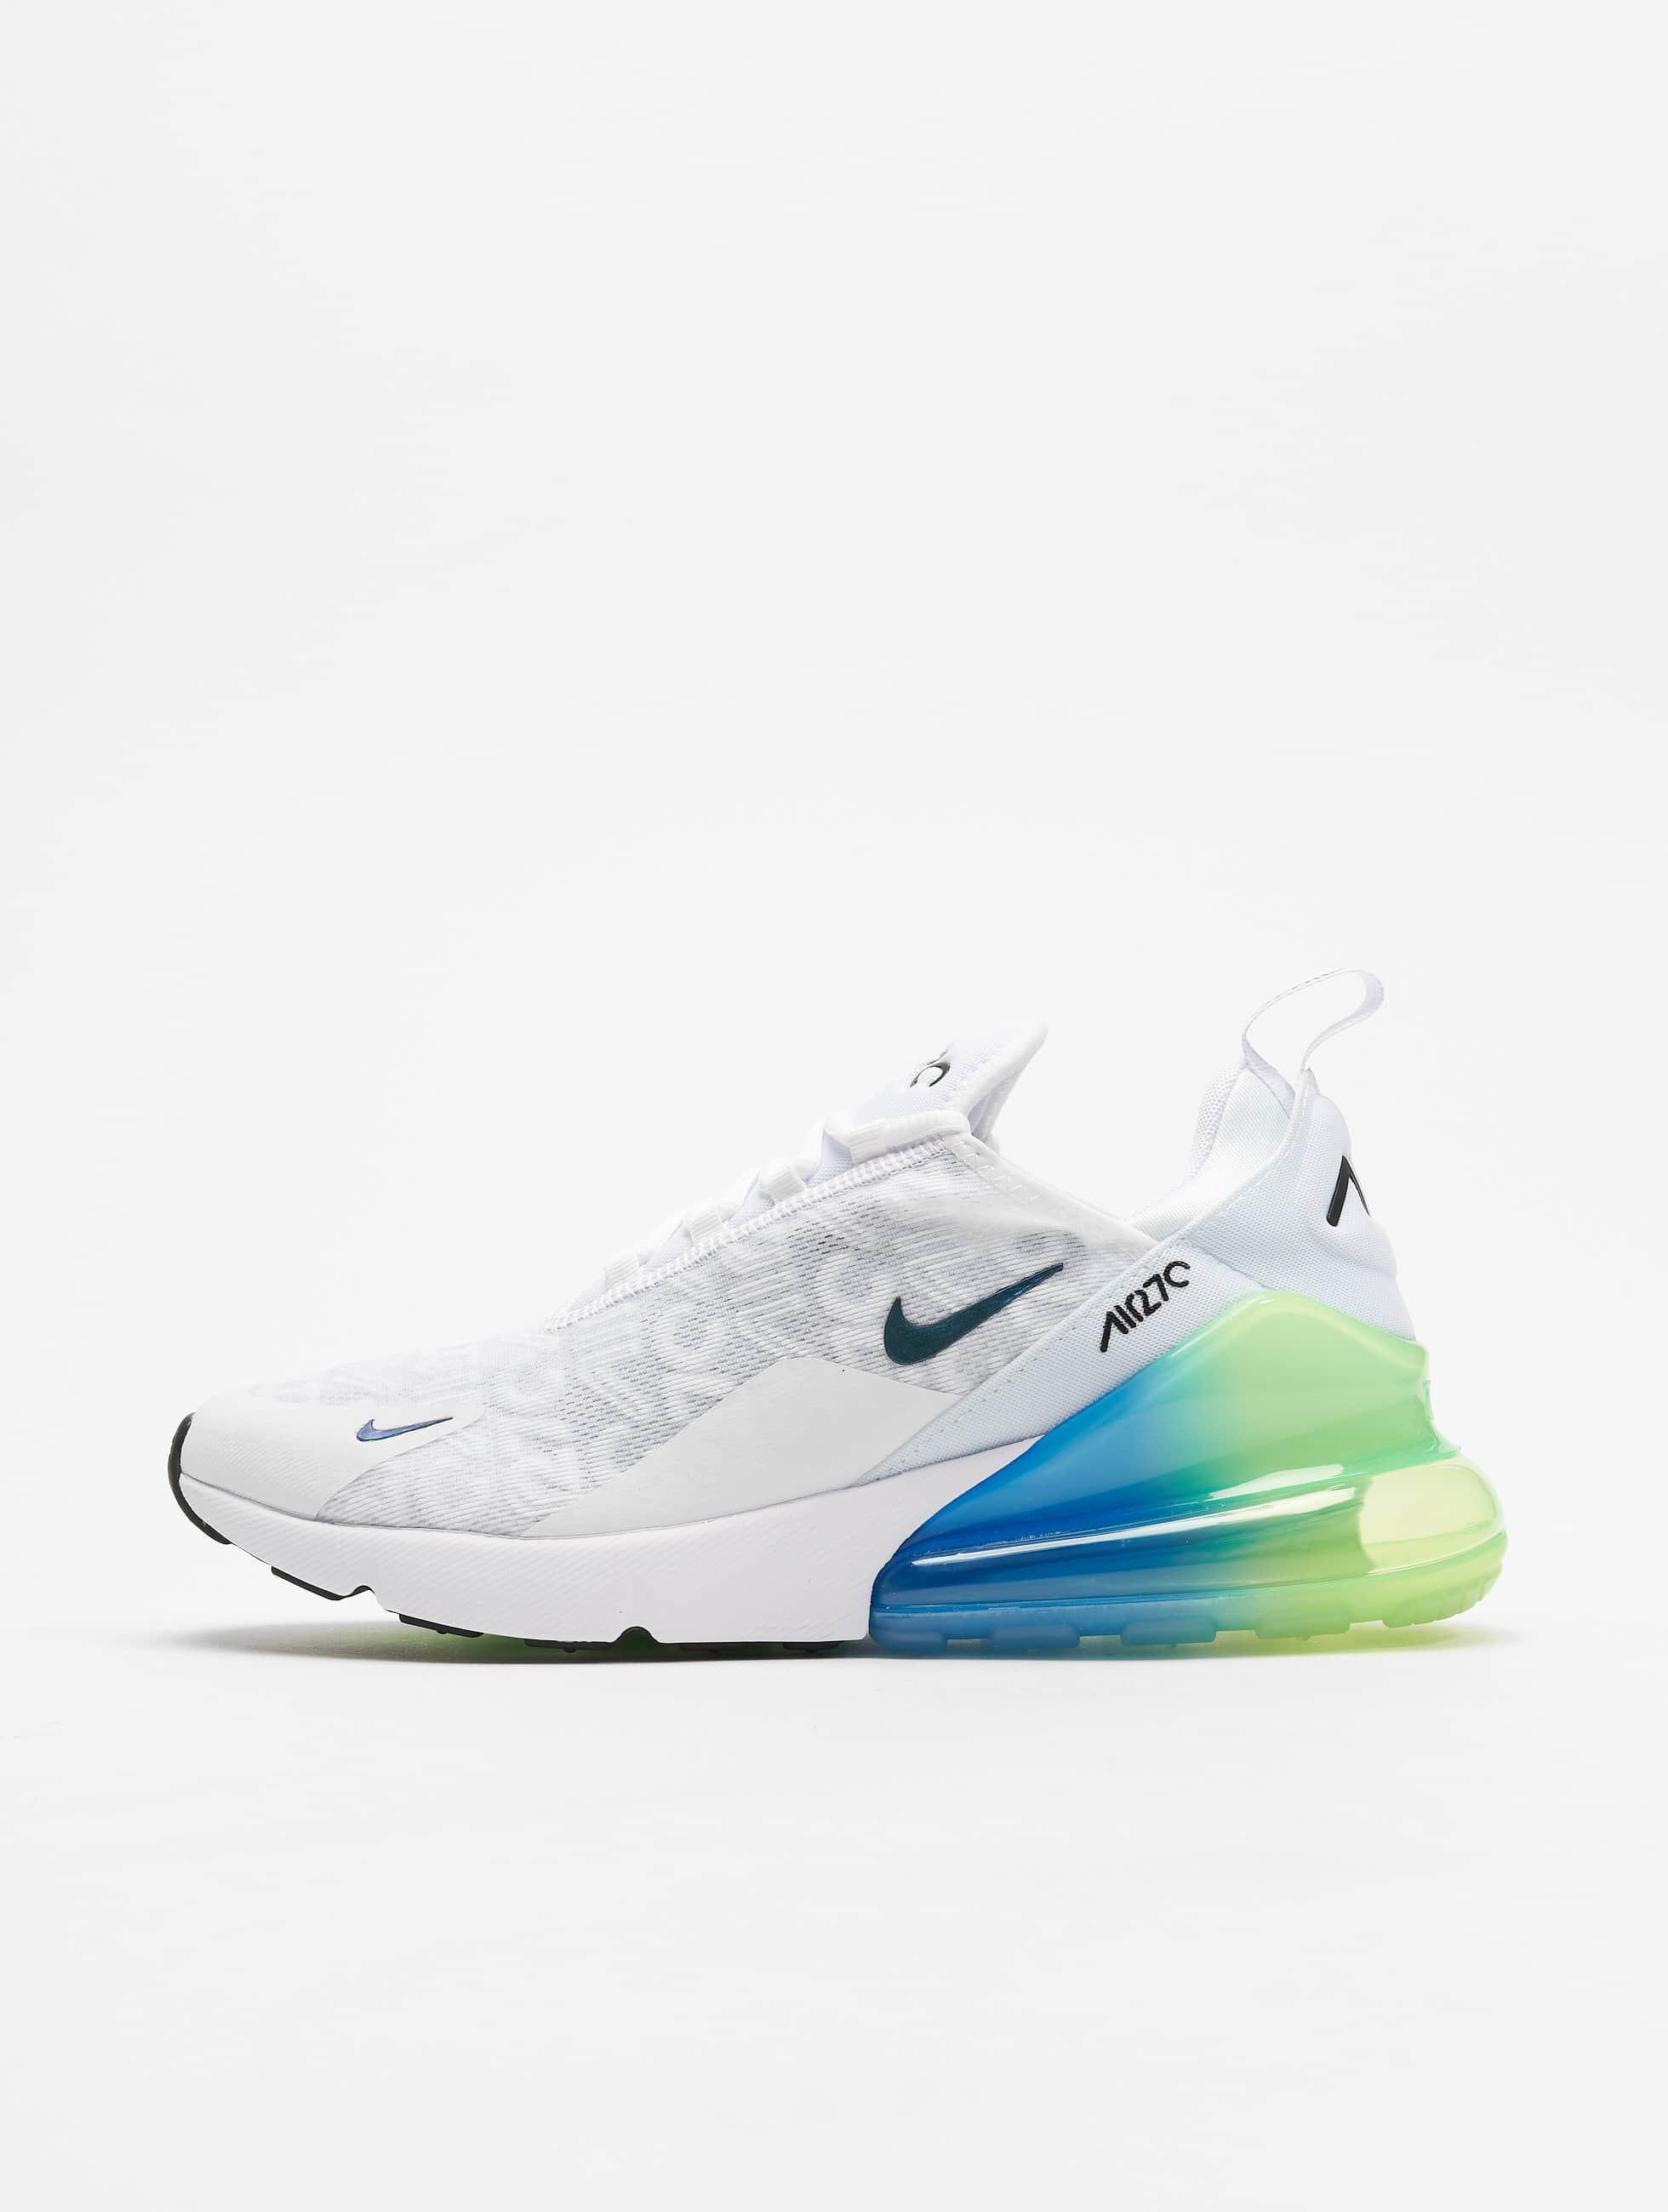 767dd24777d Nike schoen / sneaker Air Max 270 SE in wit 587782